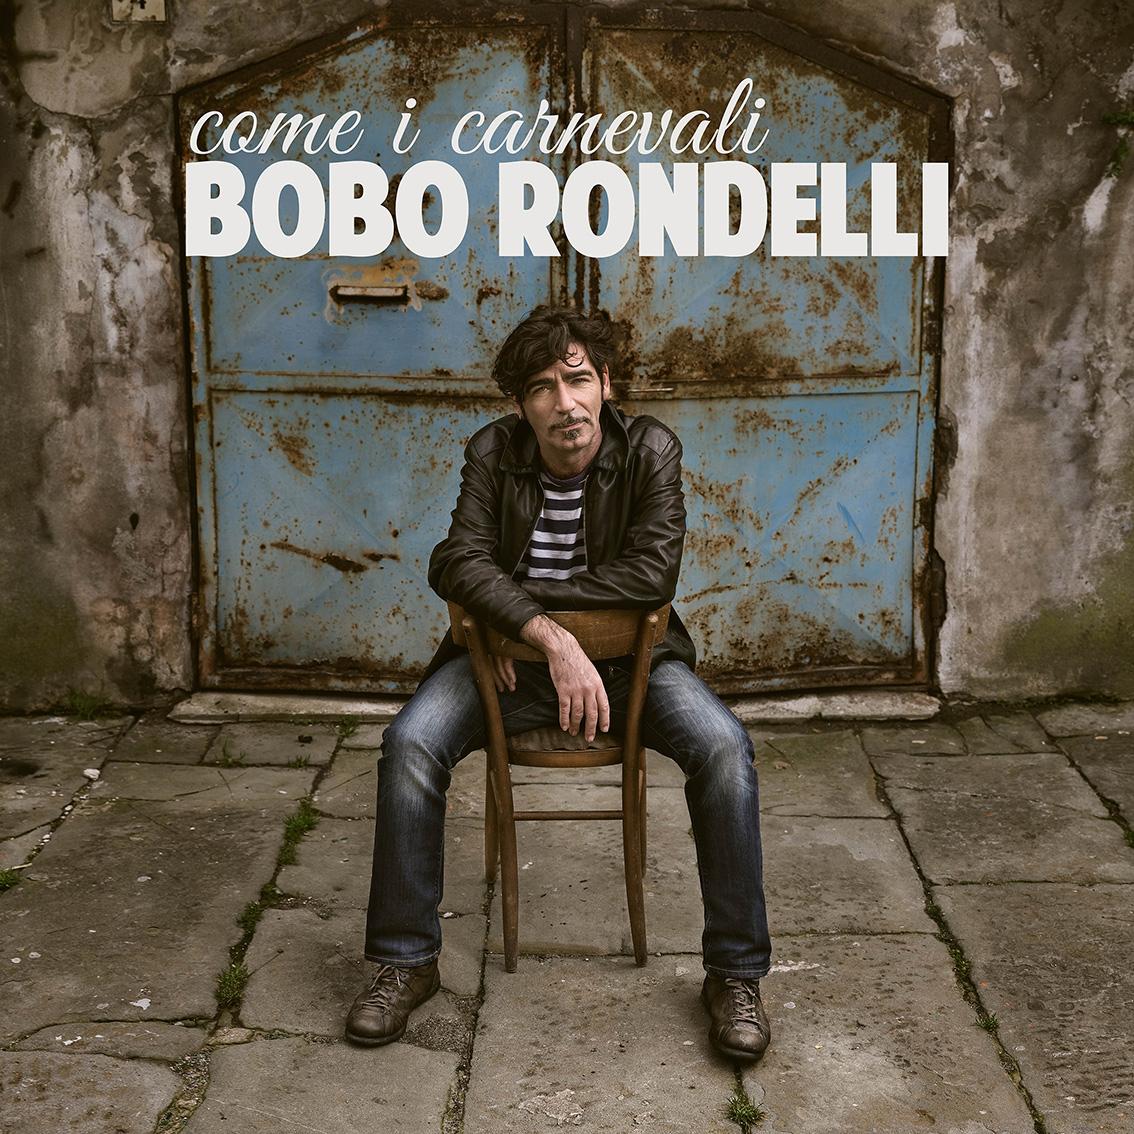 BOBO_RONDELLI_Come_i_carnevali_COVER_SMALL